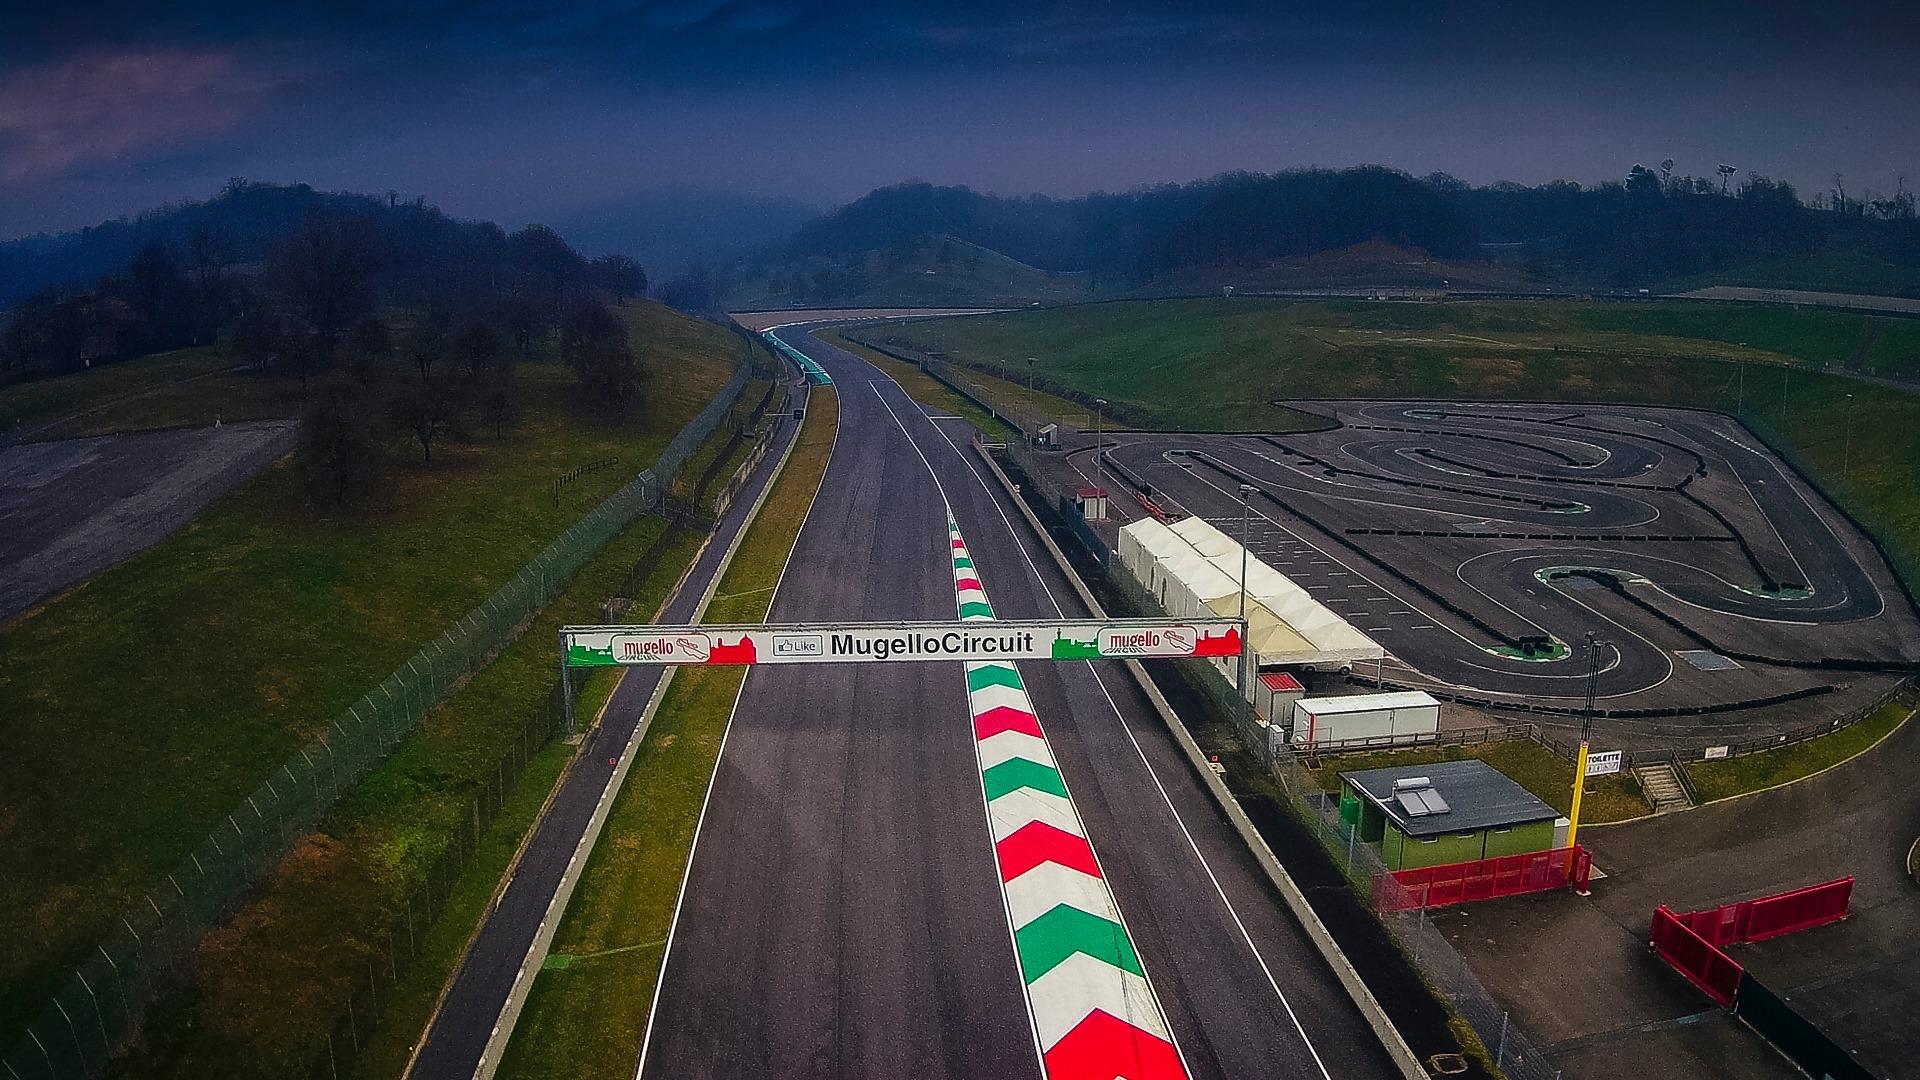 Il circuito del Mugello si candida a ospitare la Formula Uno - intoscana